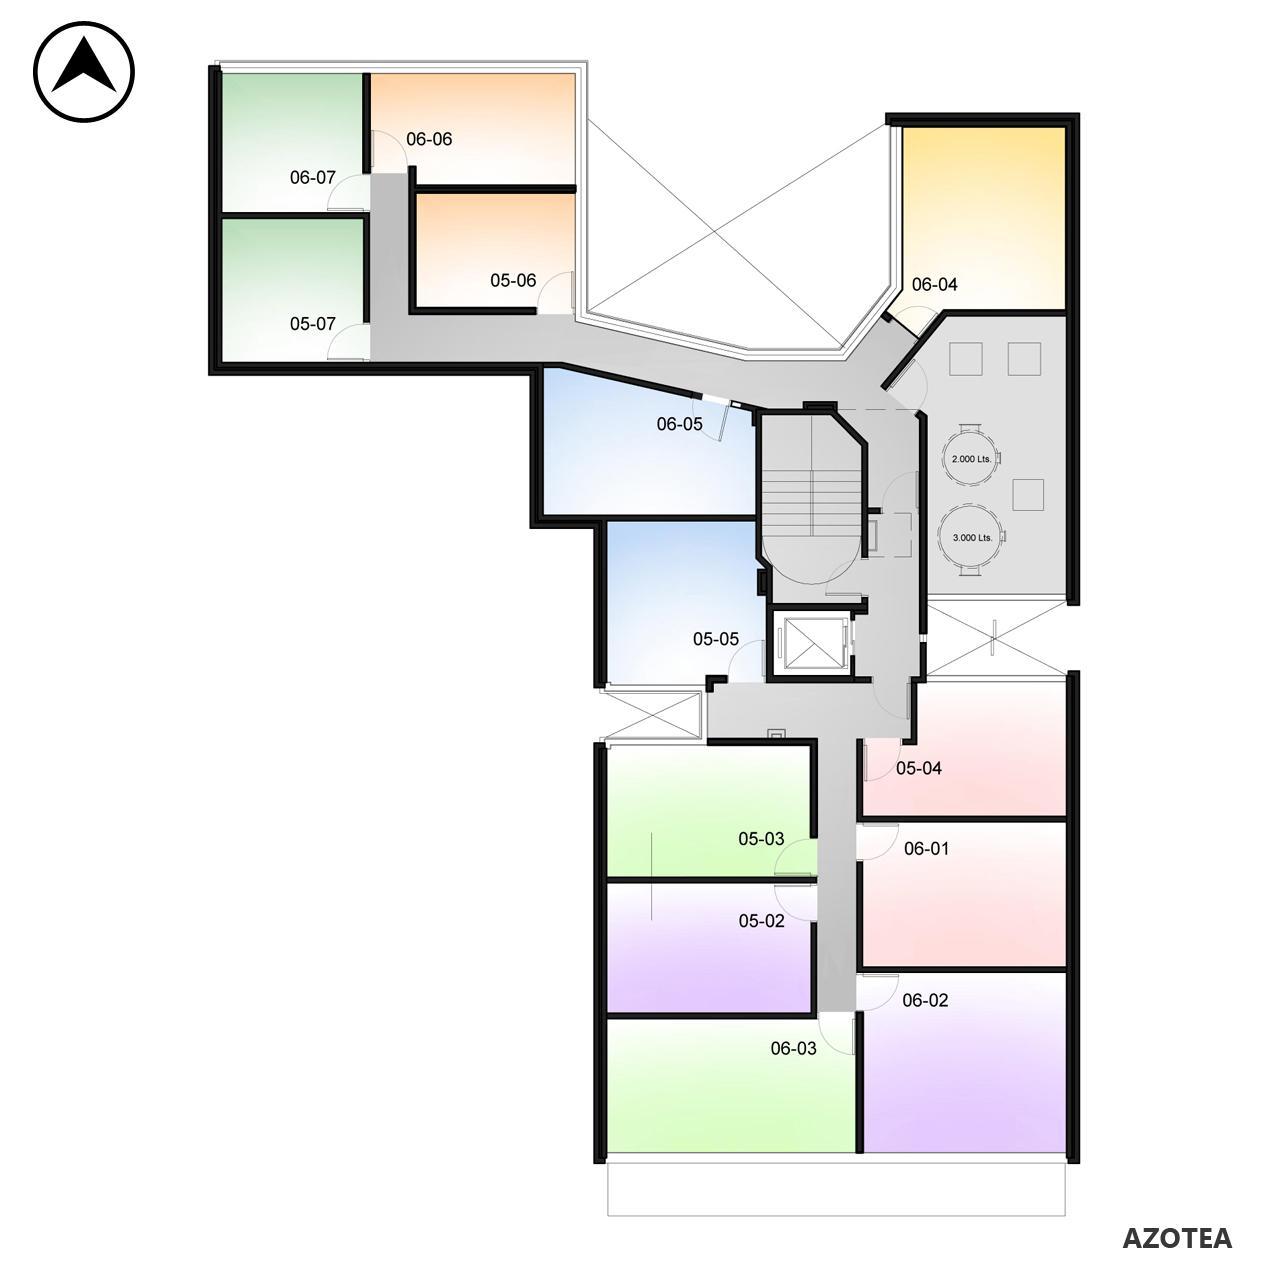 Venta departamento 1 dormitorio Rosario, . Cod CBU7870 AP1143350. Crestale Propiedades